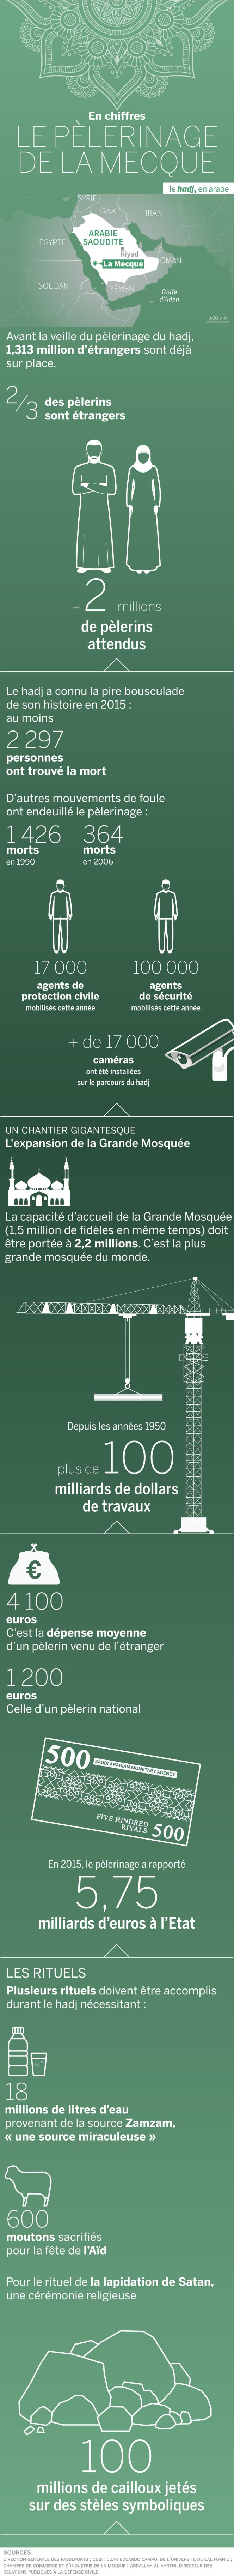 Le hadj, pèlerinage des musulmans à La Mecque, en chiffres (2017)